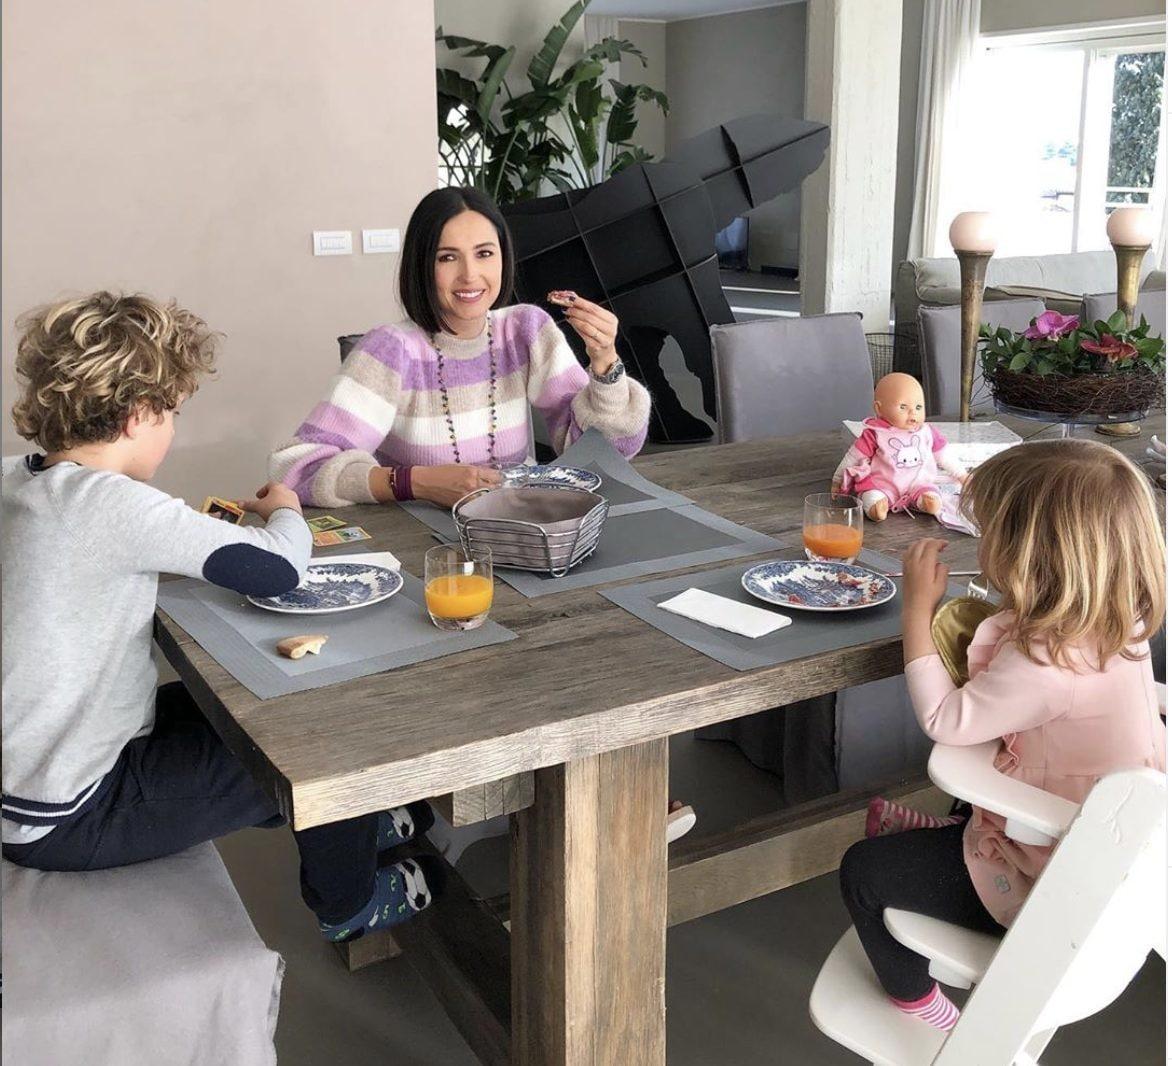 Caterina Balivo con i figli Guido Alberto e Cora